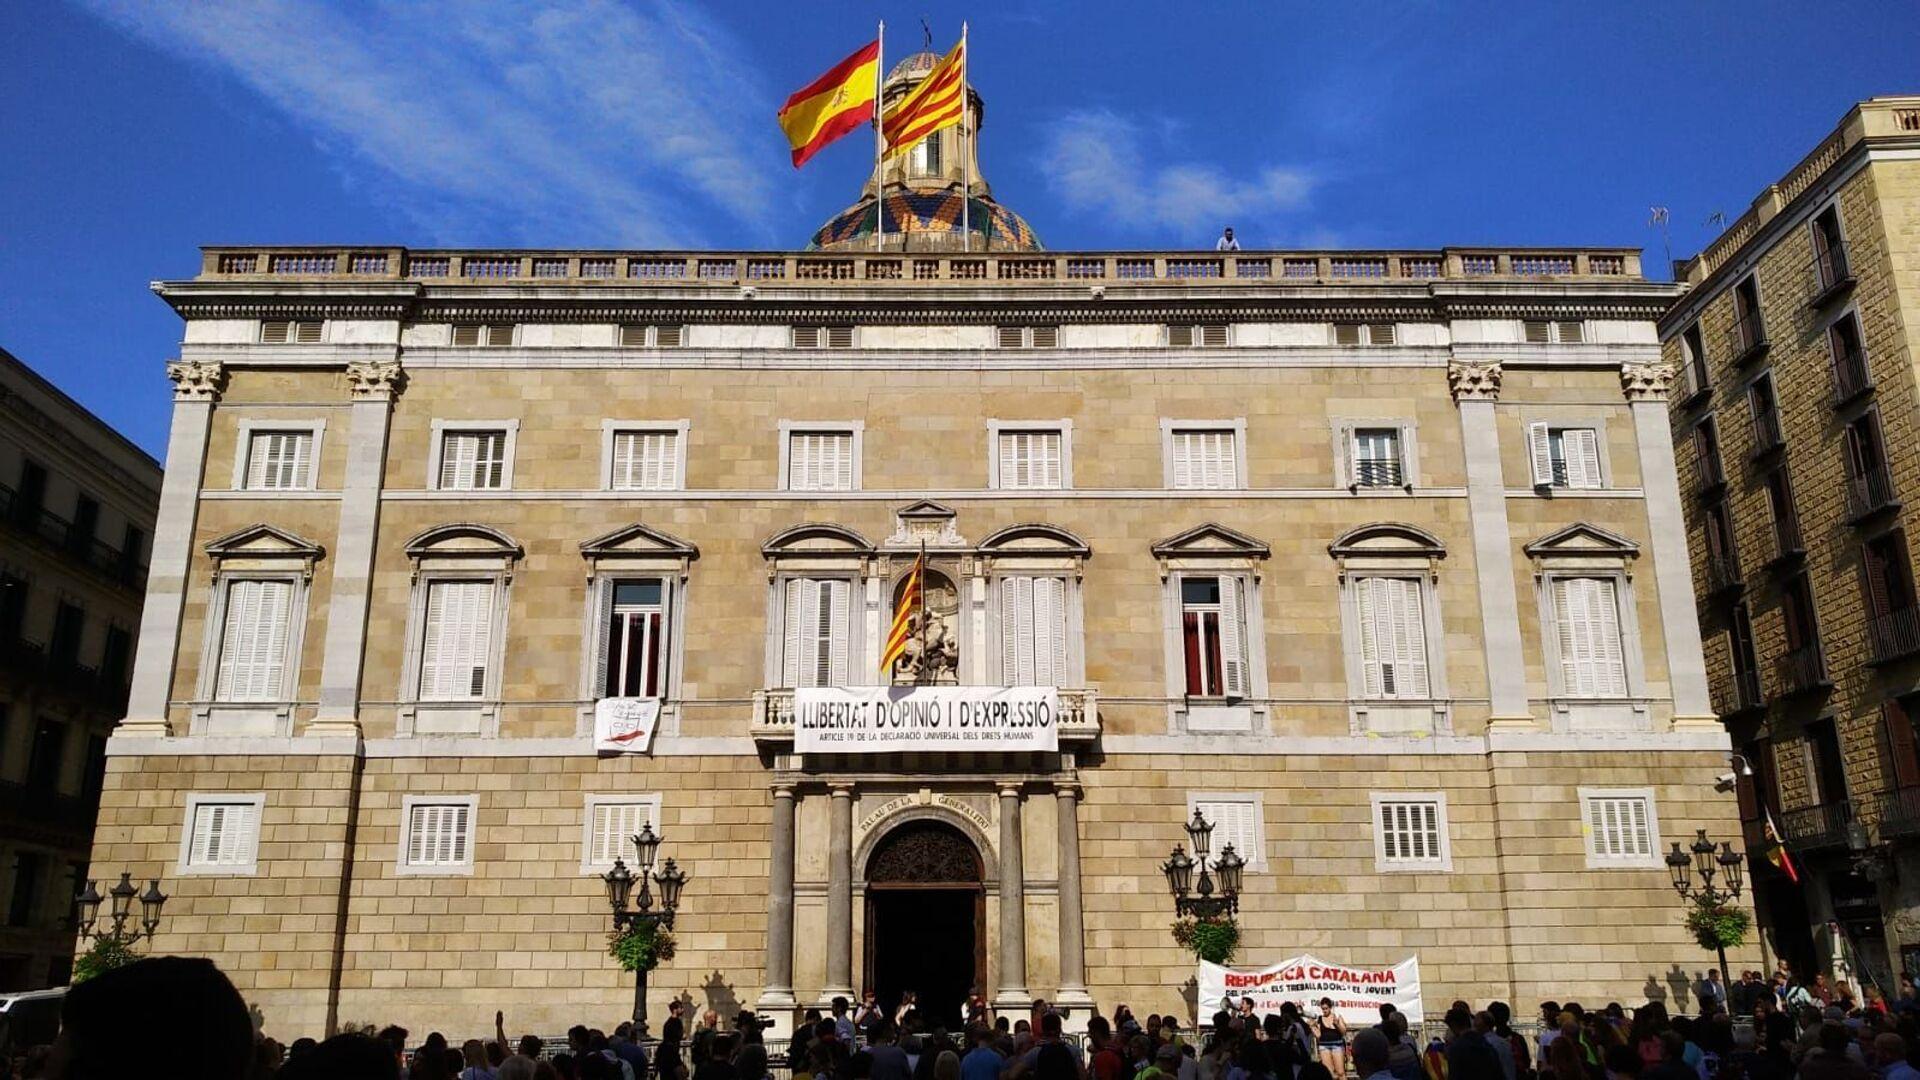 Protestas ante el Palau de la Generalitat de Cataluña contra la sentencia del Tribunal Supremo de España por el caso de los líderes independentistas - Sputnik Mundo, 1920, 09.04.2021